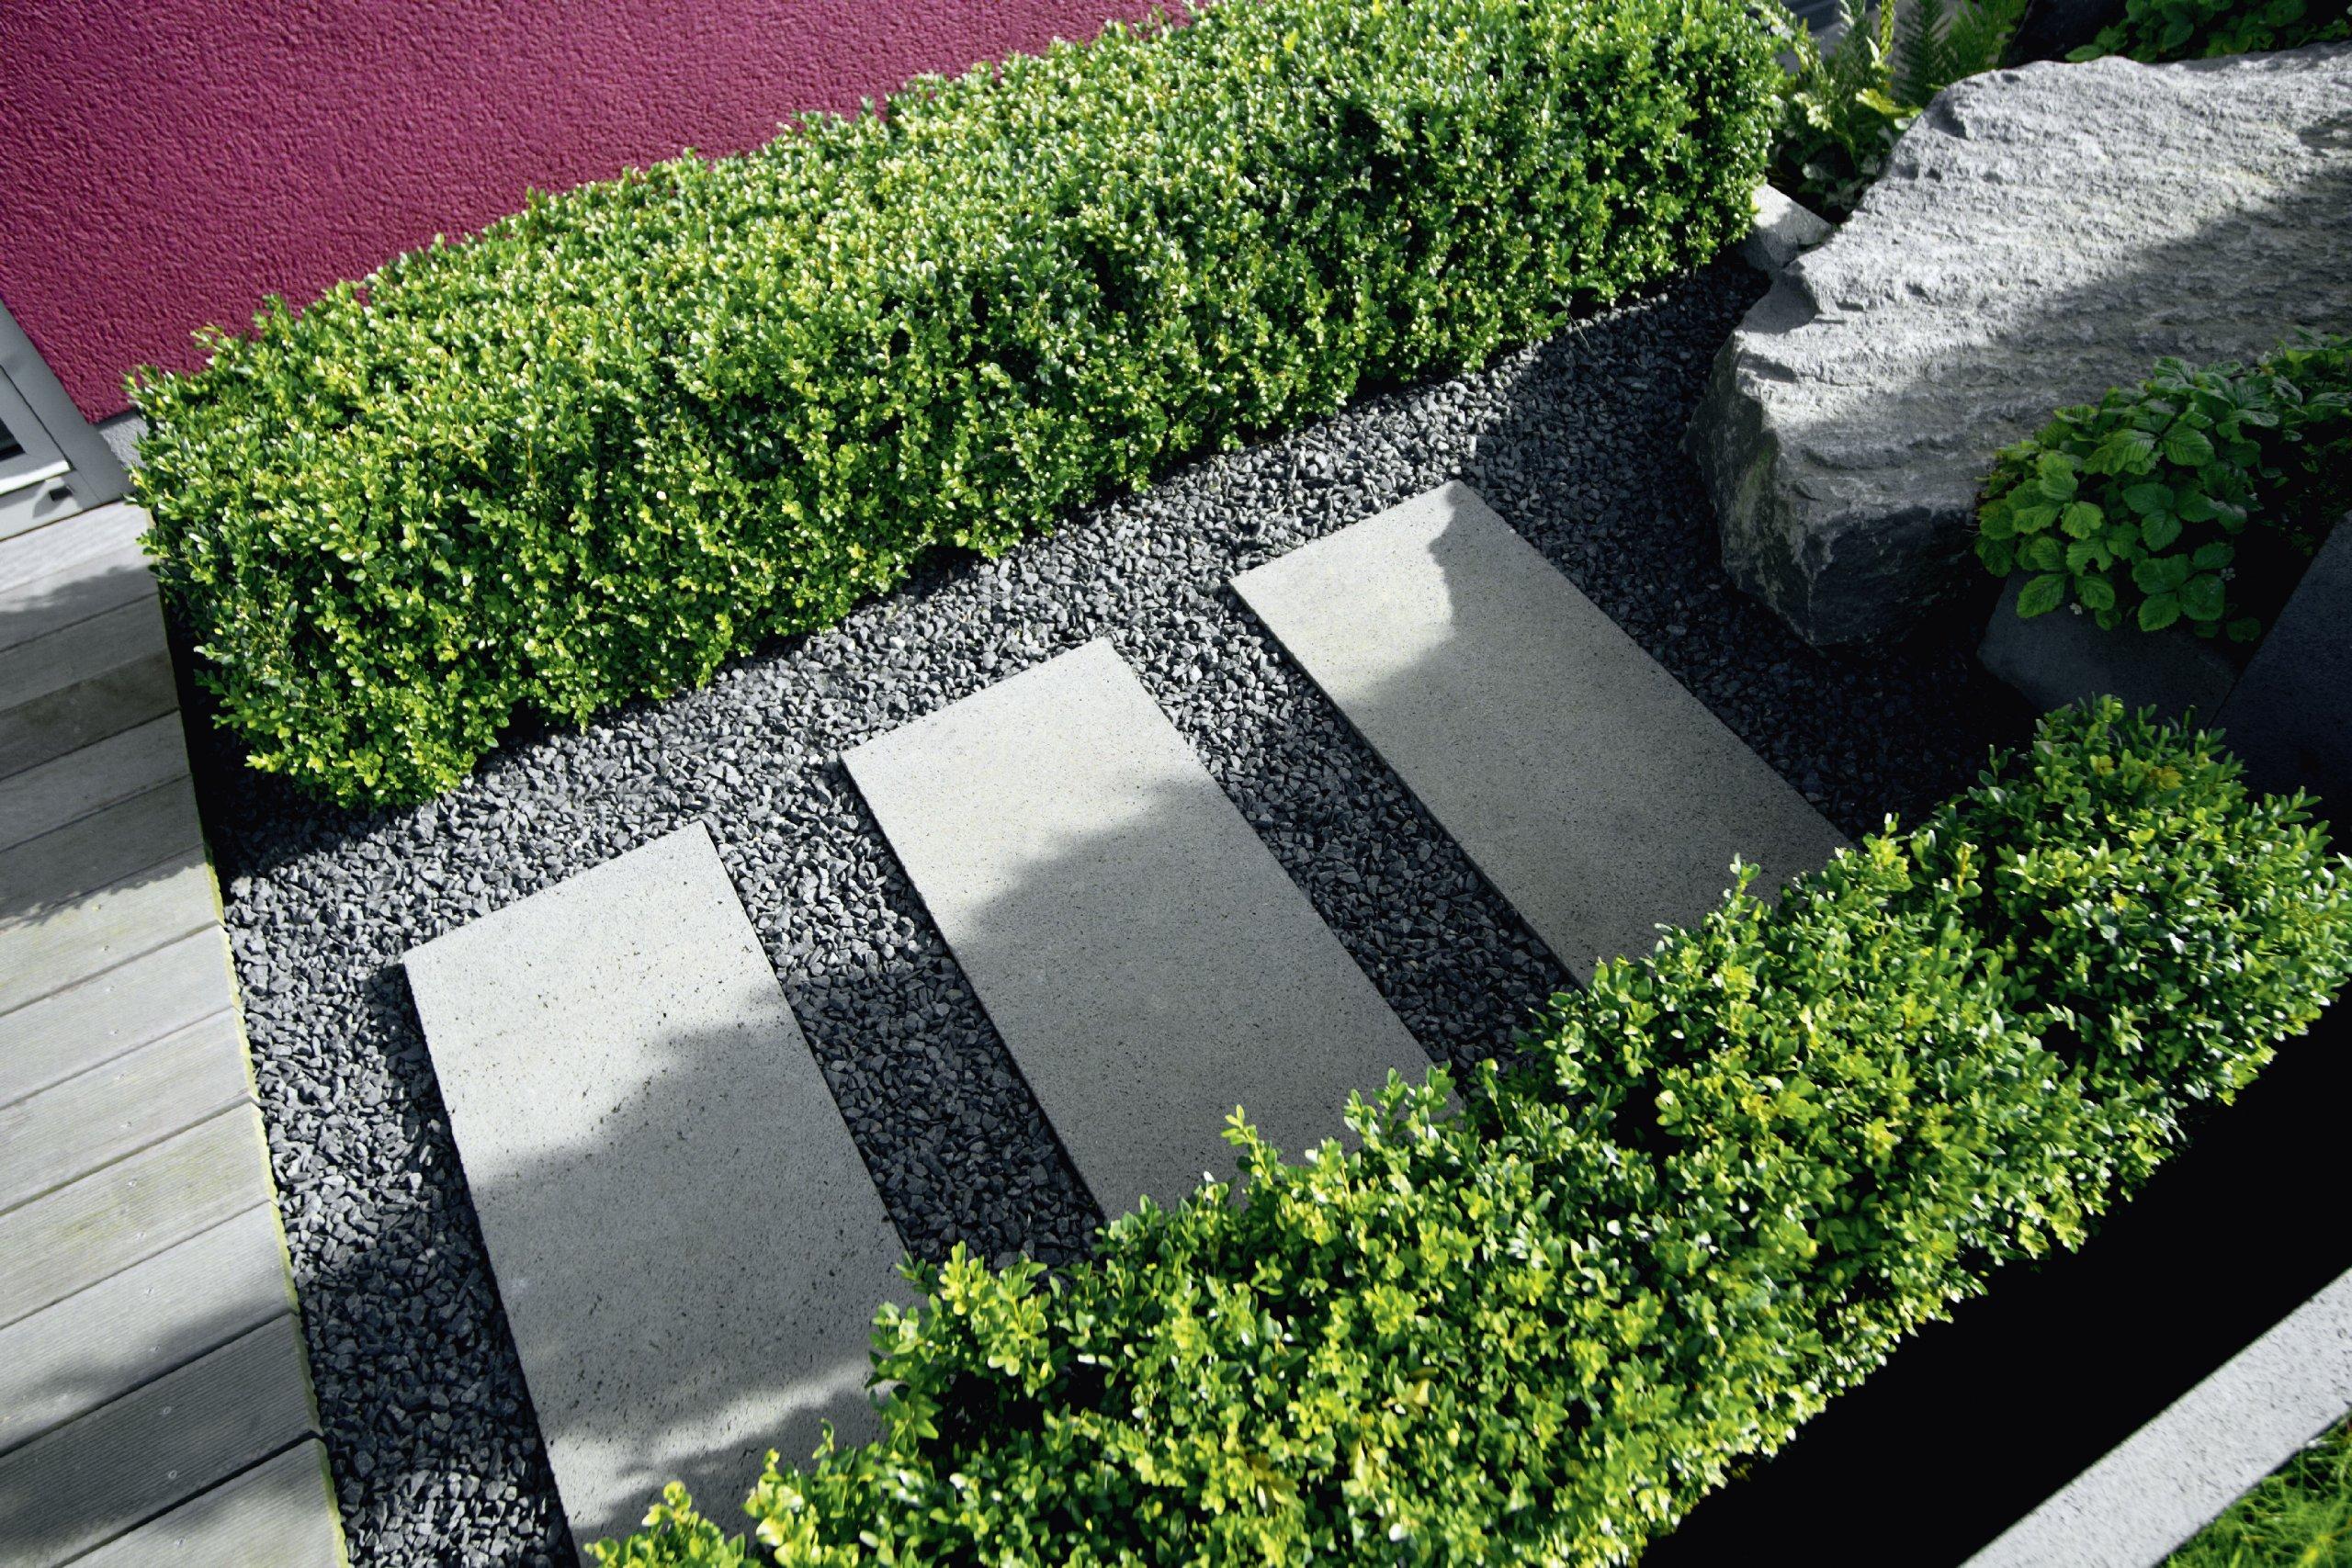 Moderne Gartenarchitektur   Minimalistisch, Formal, Puristisch Garten  Und  Ideenbücher BJVV: Amazon.de: Peter Berg, Helmut Reinelt (Fotografie): Bücher